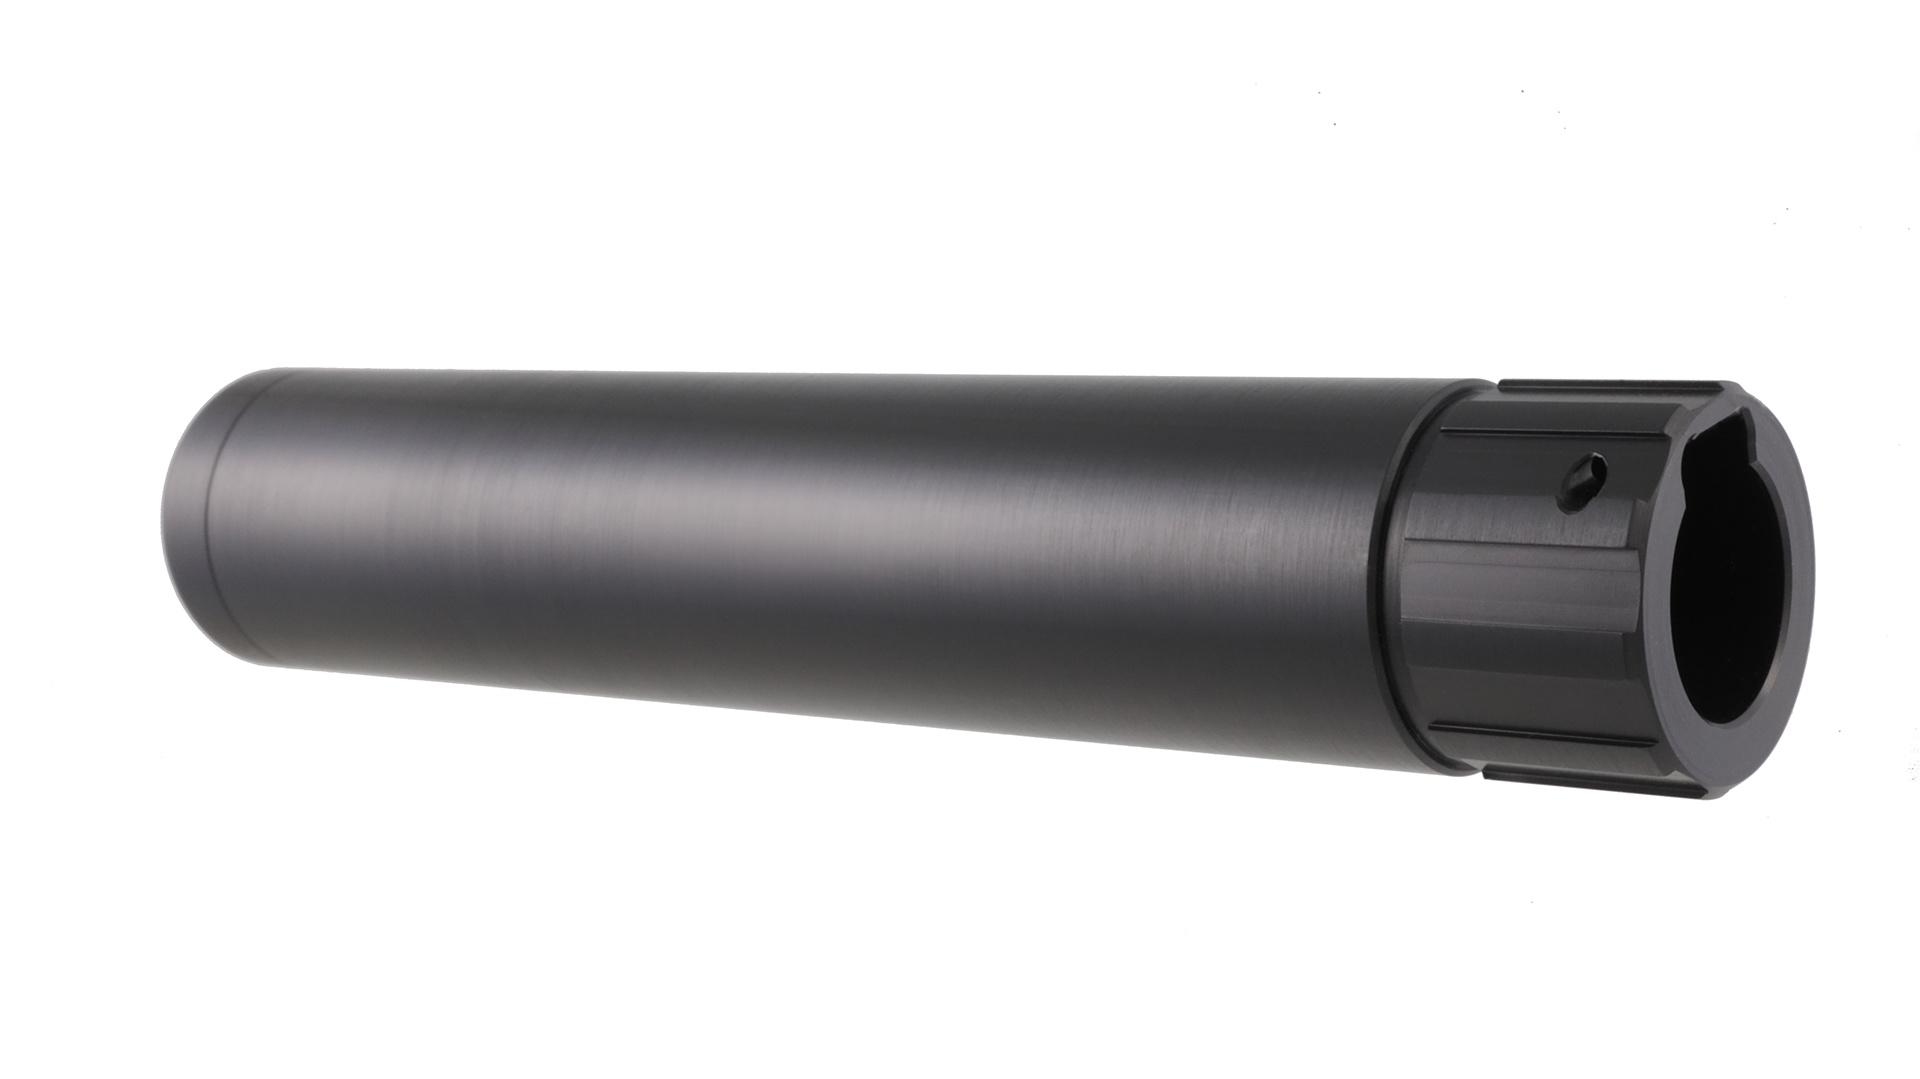 shockwave technologies flash forward muzzle device ruger 10 22 22lr plinker shockwave technologies flash forward muzzle device ruger 10 22 22lr plinker